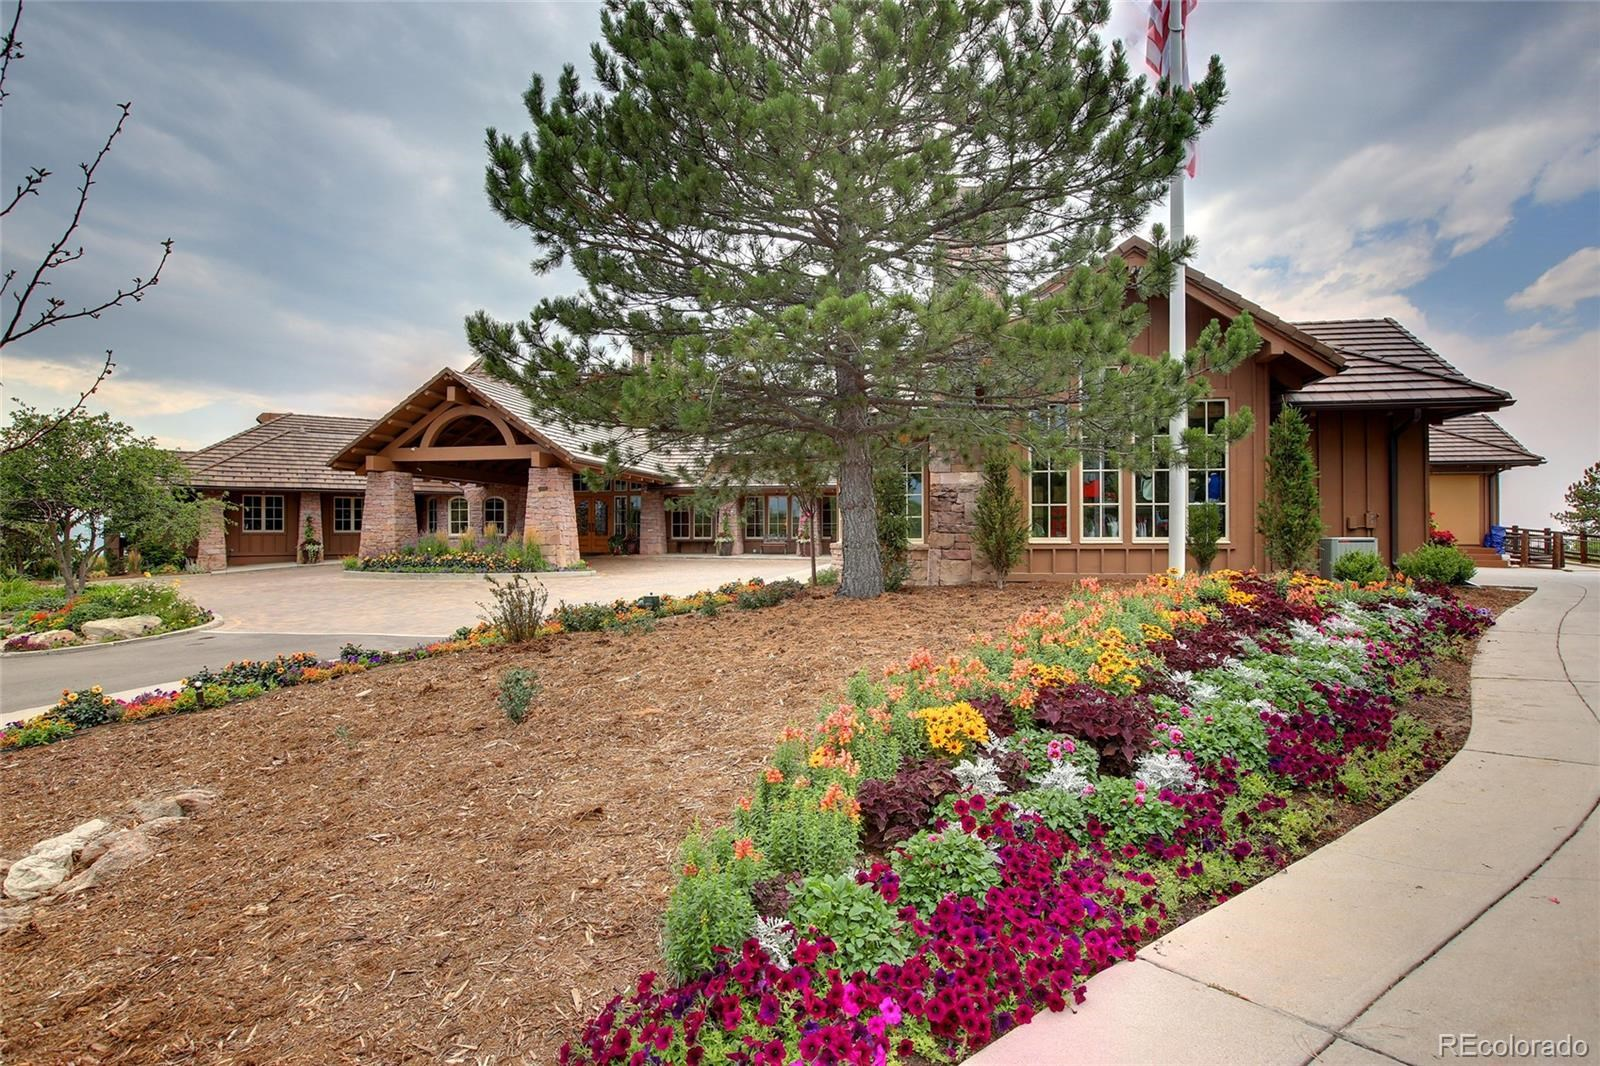 MLS# 4705257 - 5 - 6440 Holy Cross Court, Castle Rock, CO 80108